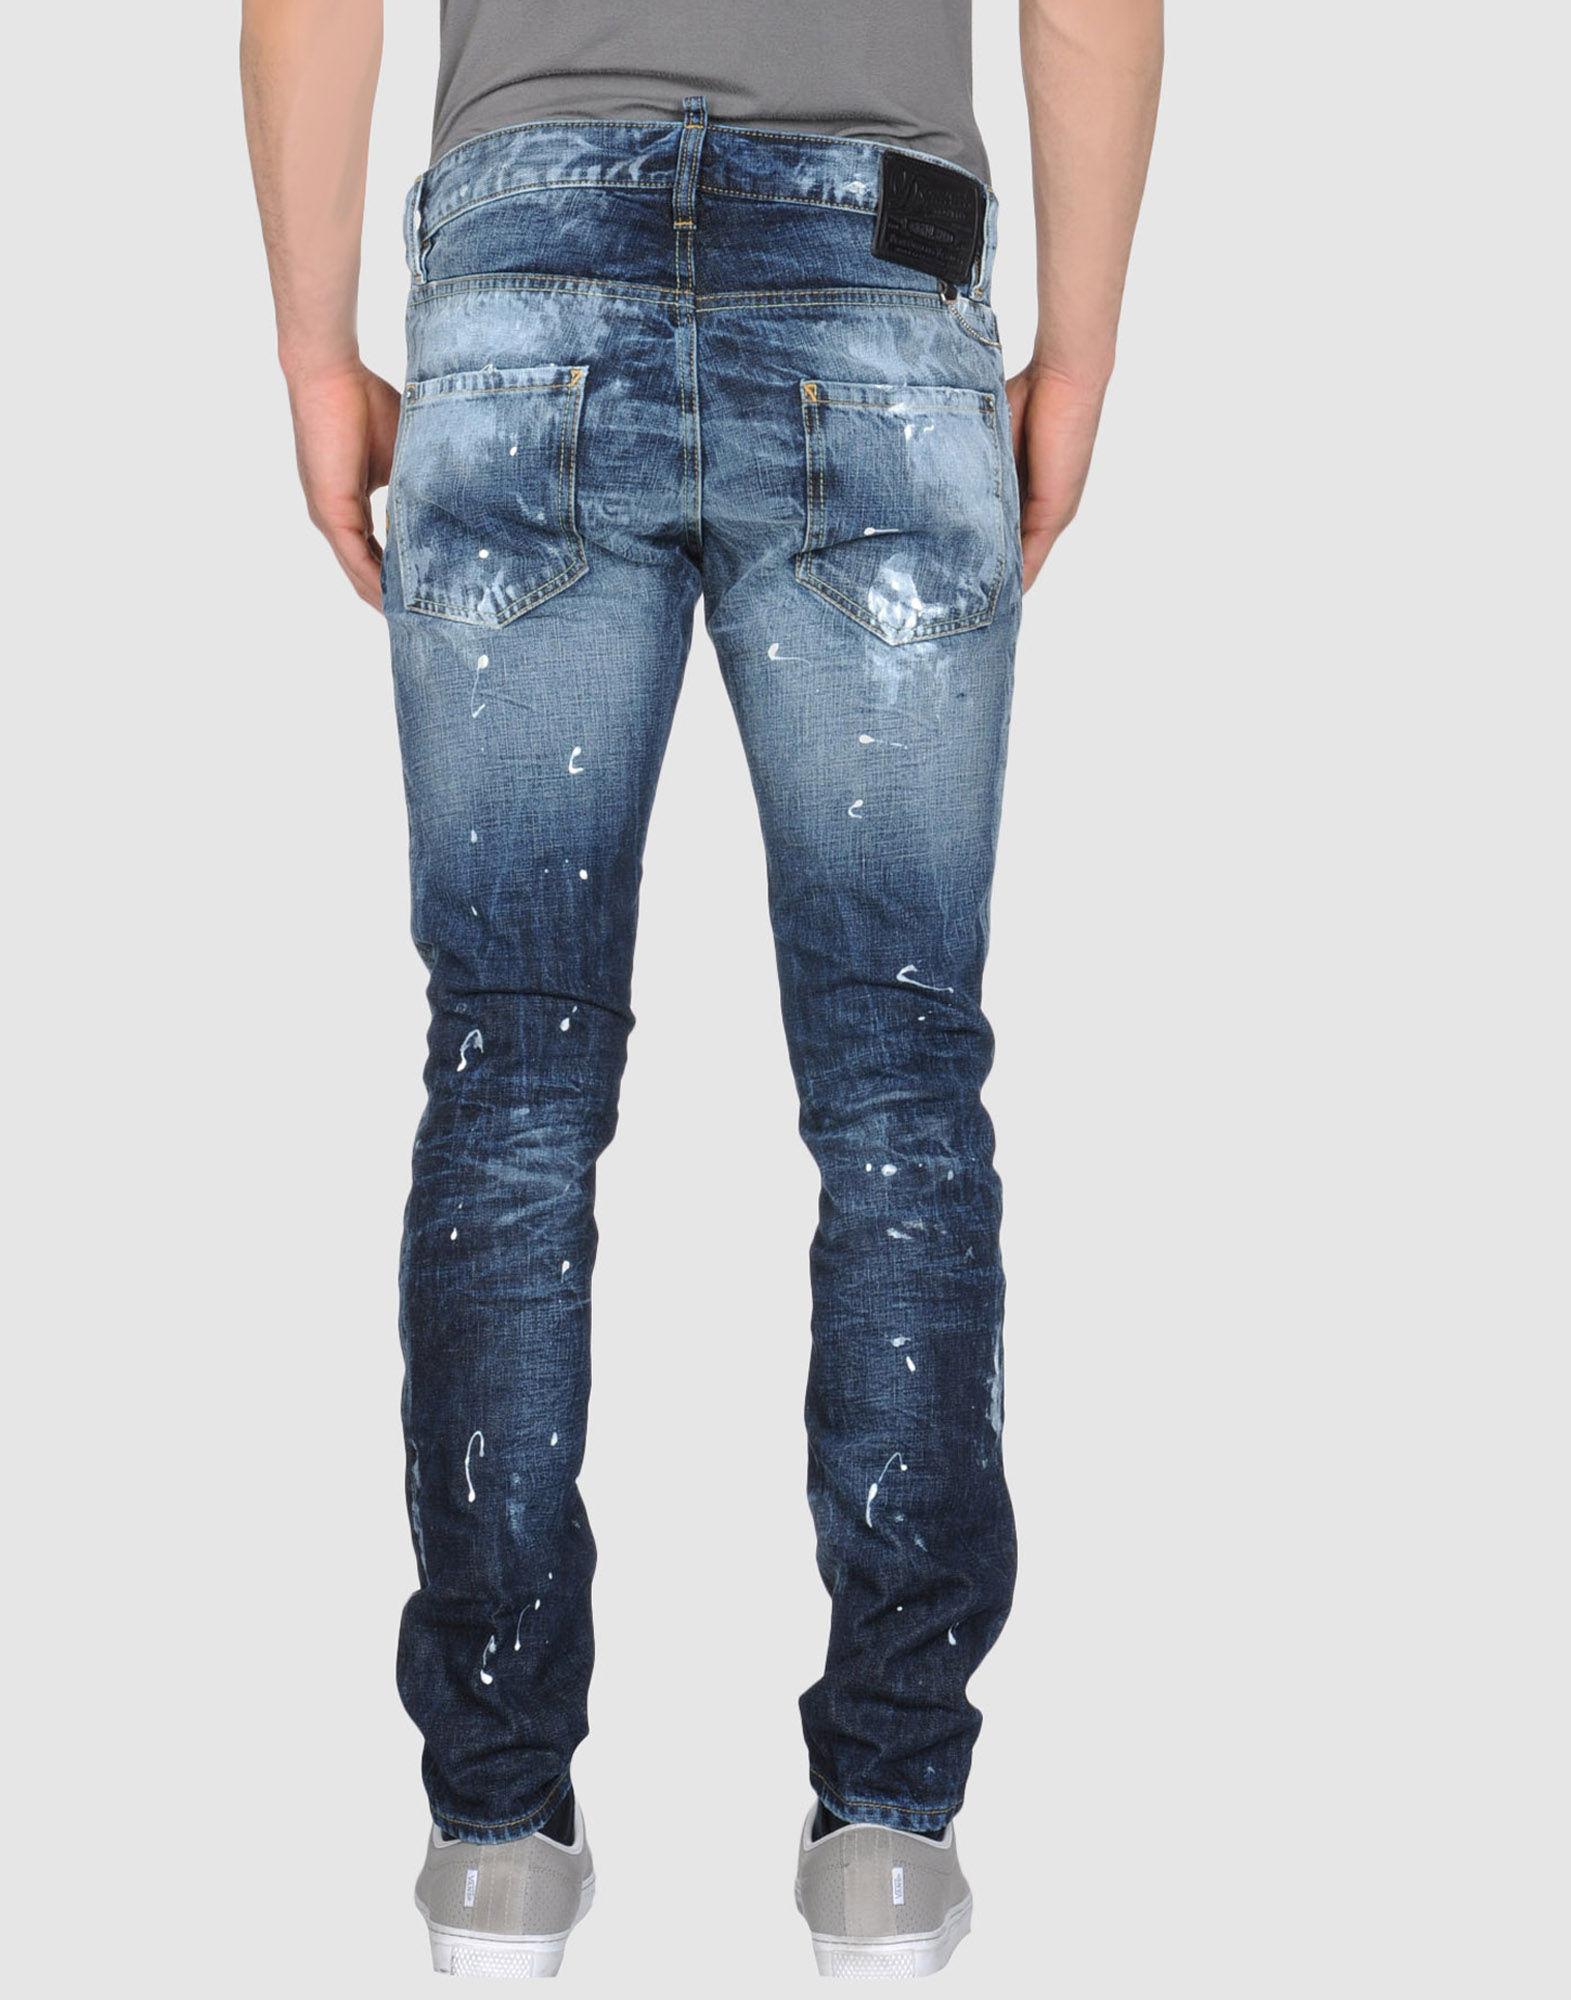 Одежда джинсы женские доставка